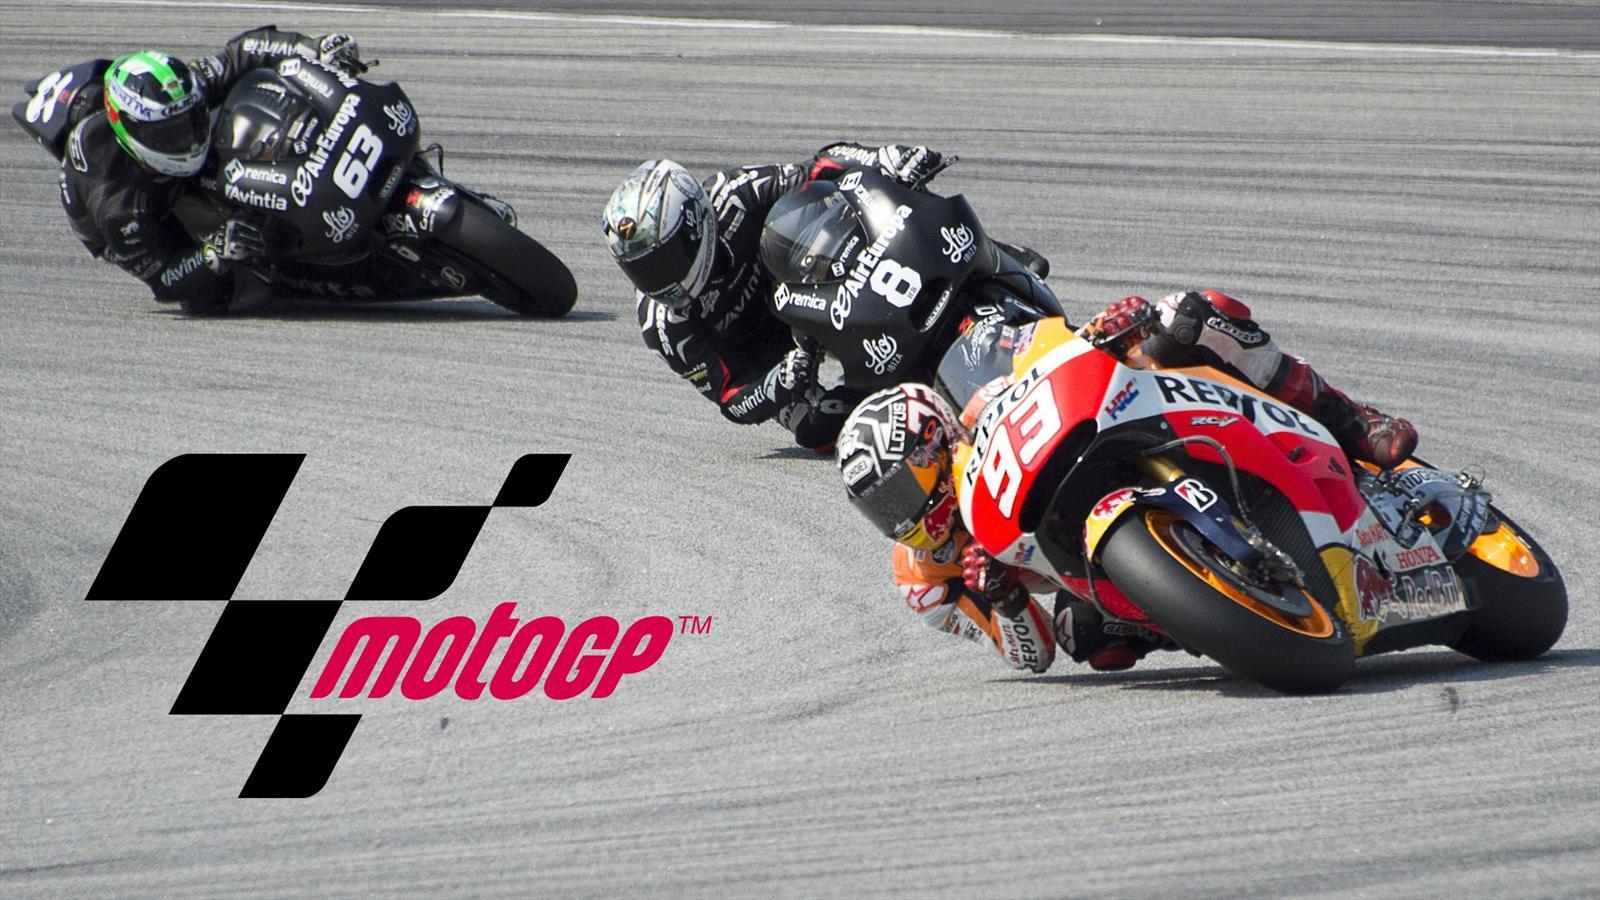 Motogp Motorrad Preis